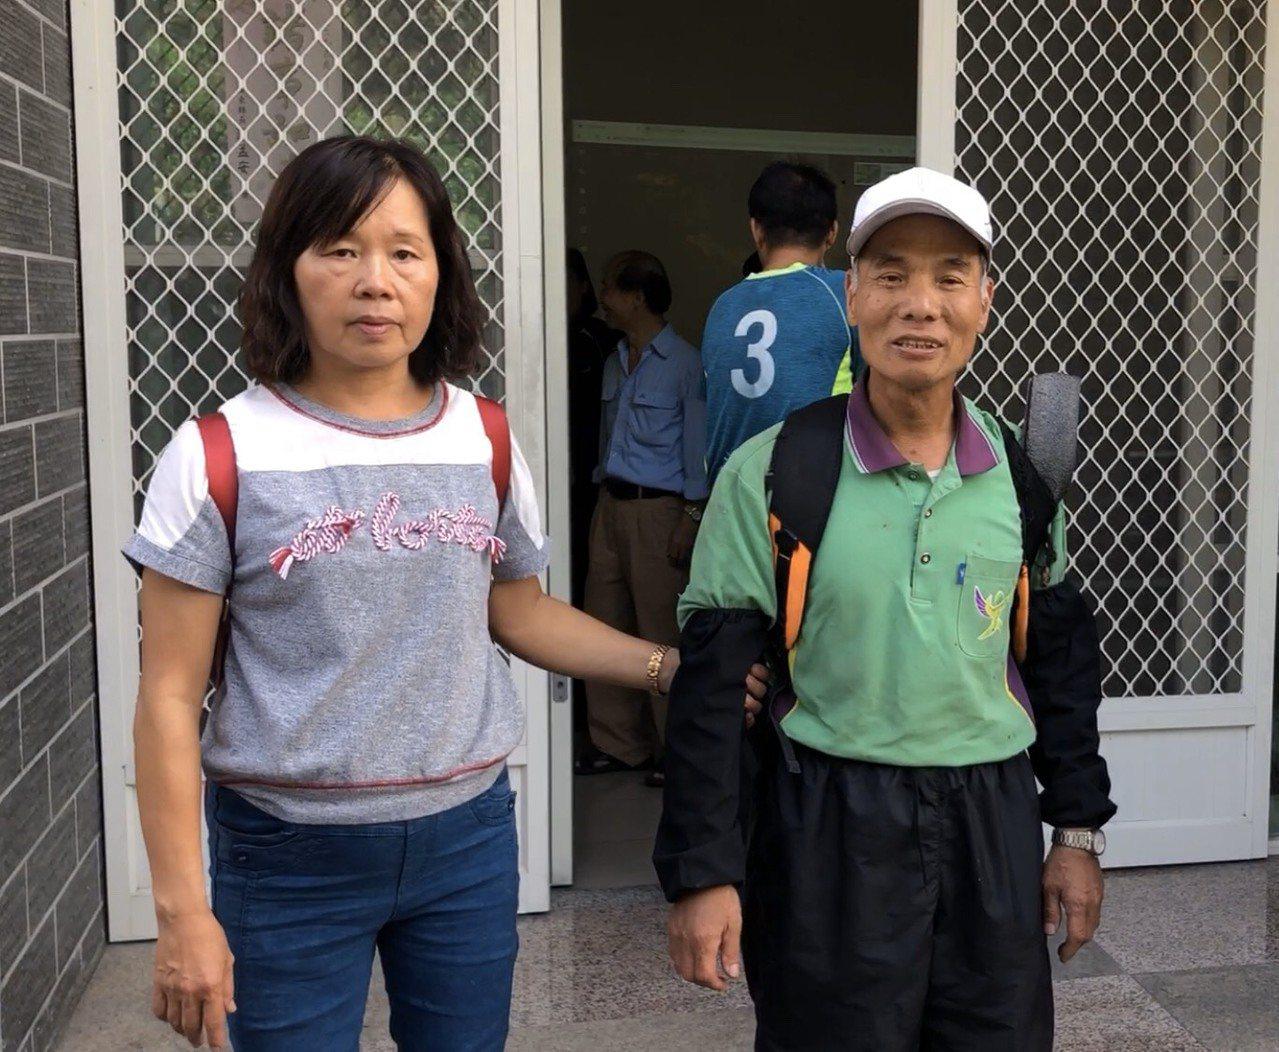 宋瑞雄還原落難經過,並表示在山中一度遇上部落「祖靈」。記者江國豪/翻攝